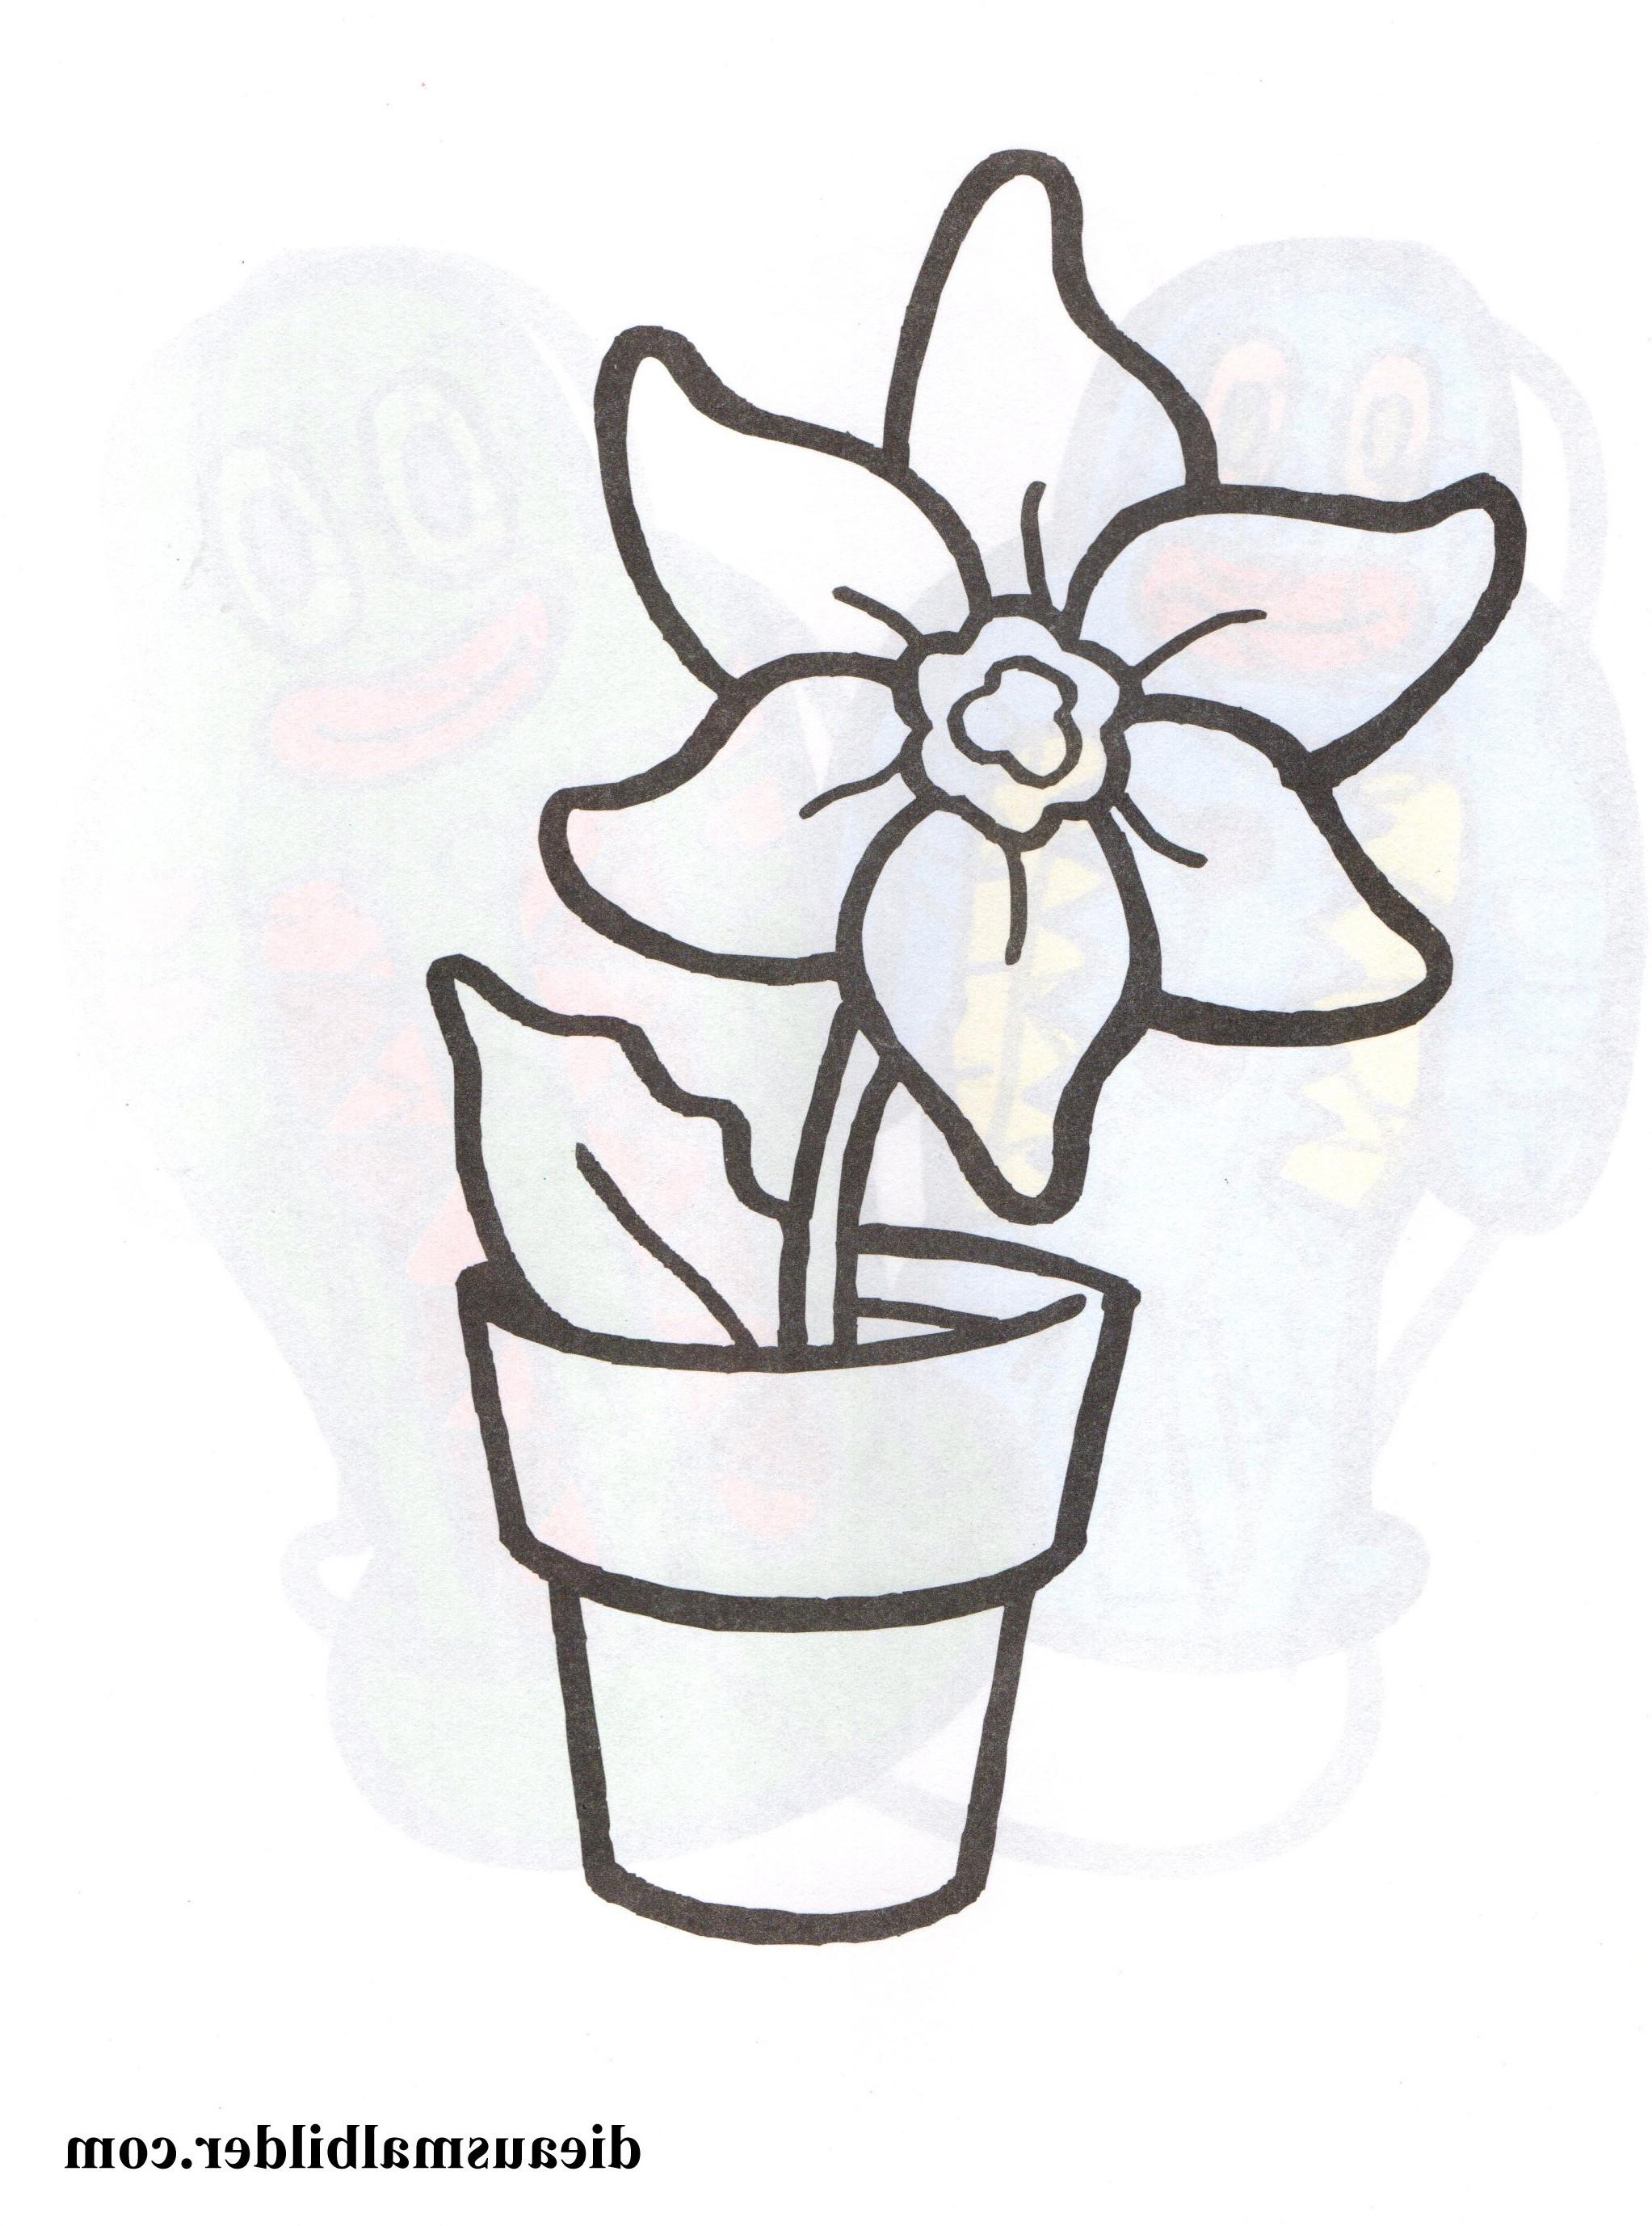 Schmetterling Mit Blume Zum Ausmalen Neu 29 Frisch Blume Zum Ausmalen – Malvorlagen Ideen Stock